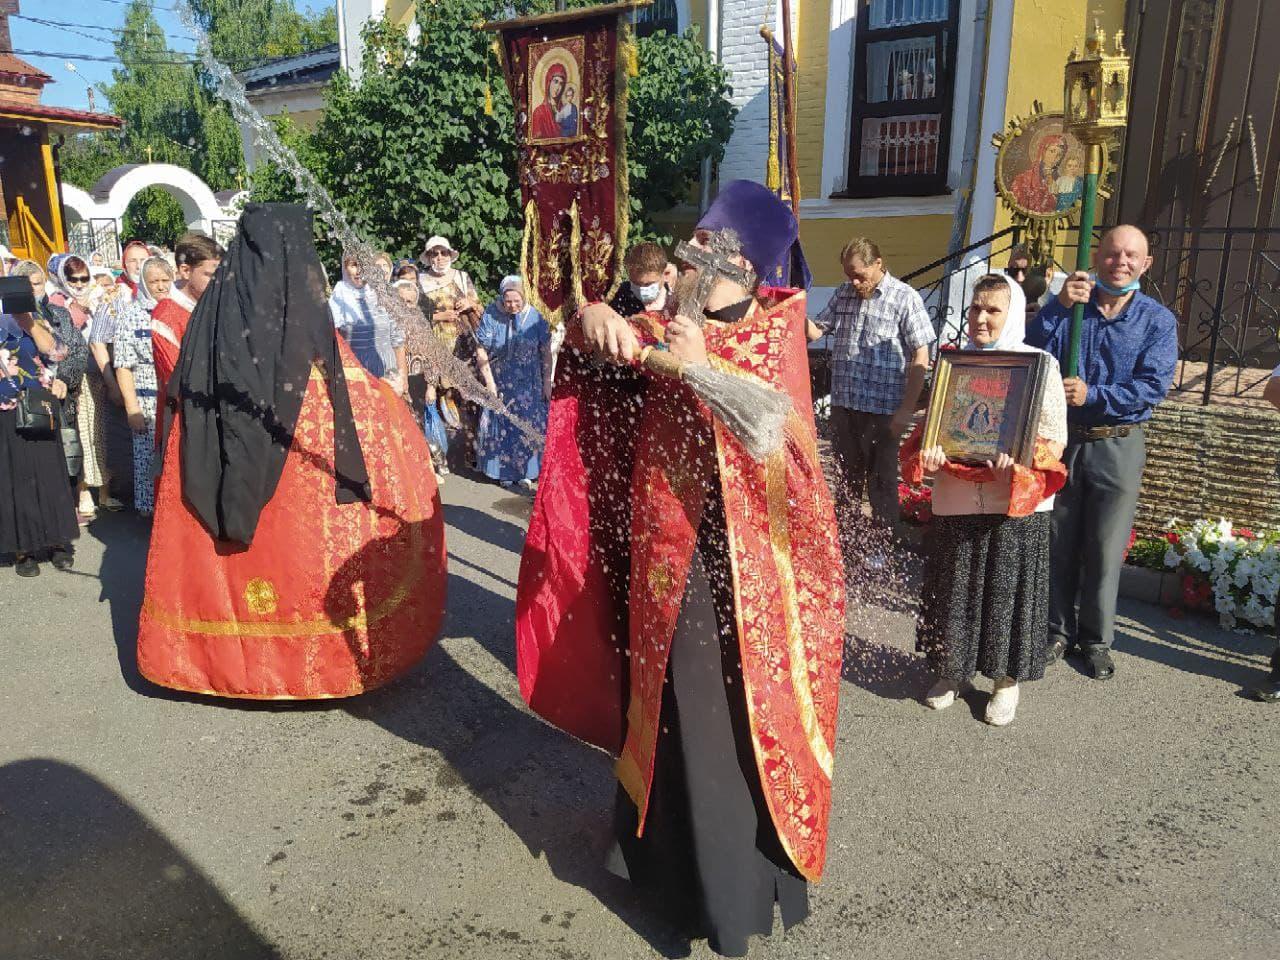 Божественную Литургию в день памяти пророка Илии в Храме Всех Святых совершил иеромонах Серафим (Максимов)